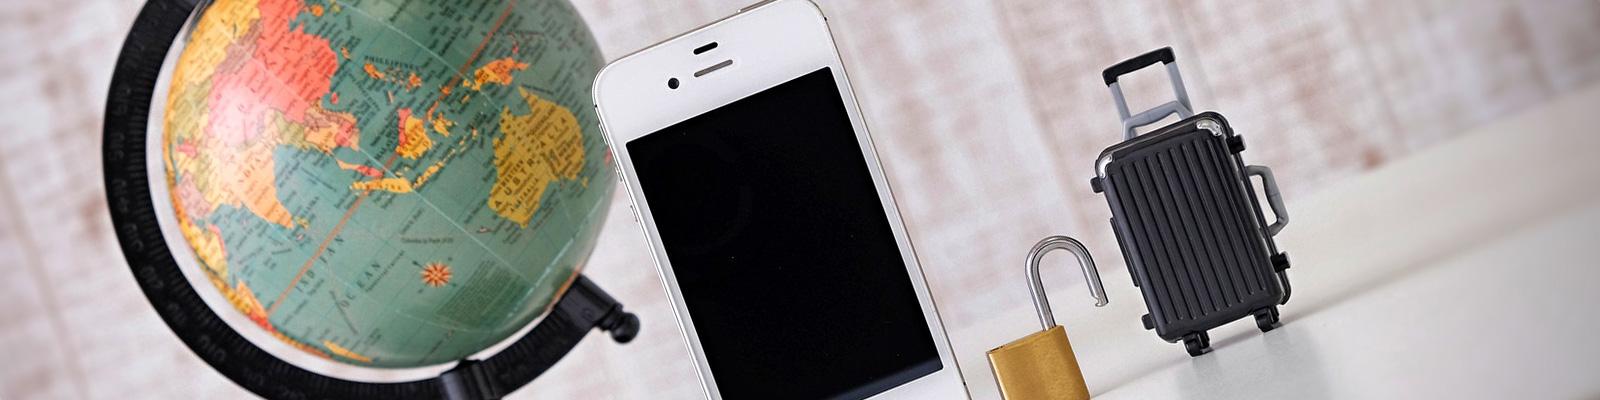 地球儀 携帯電話 イメージ